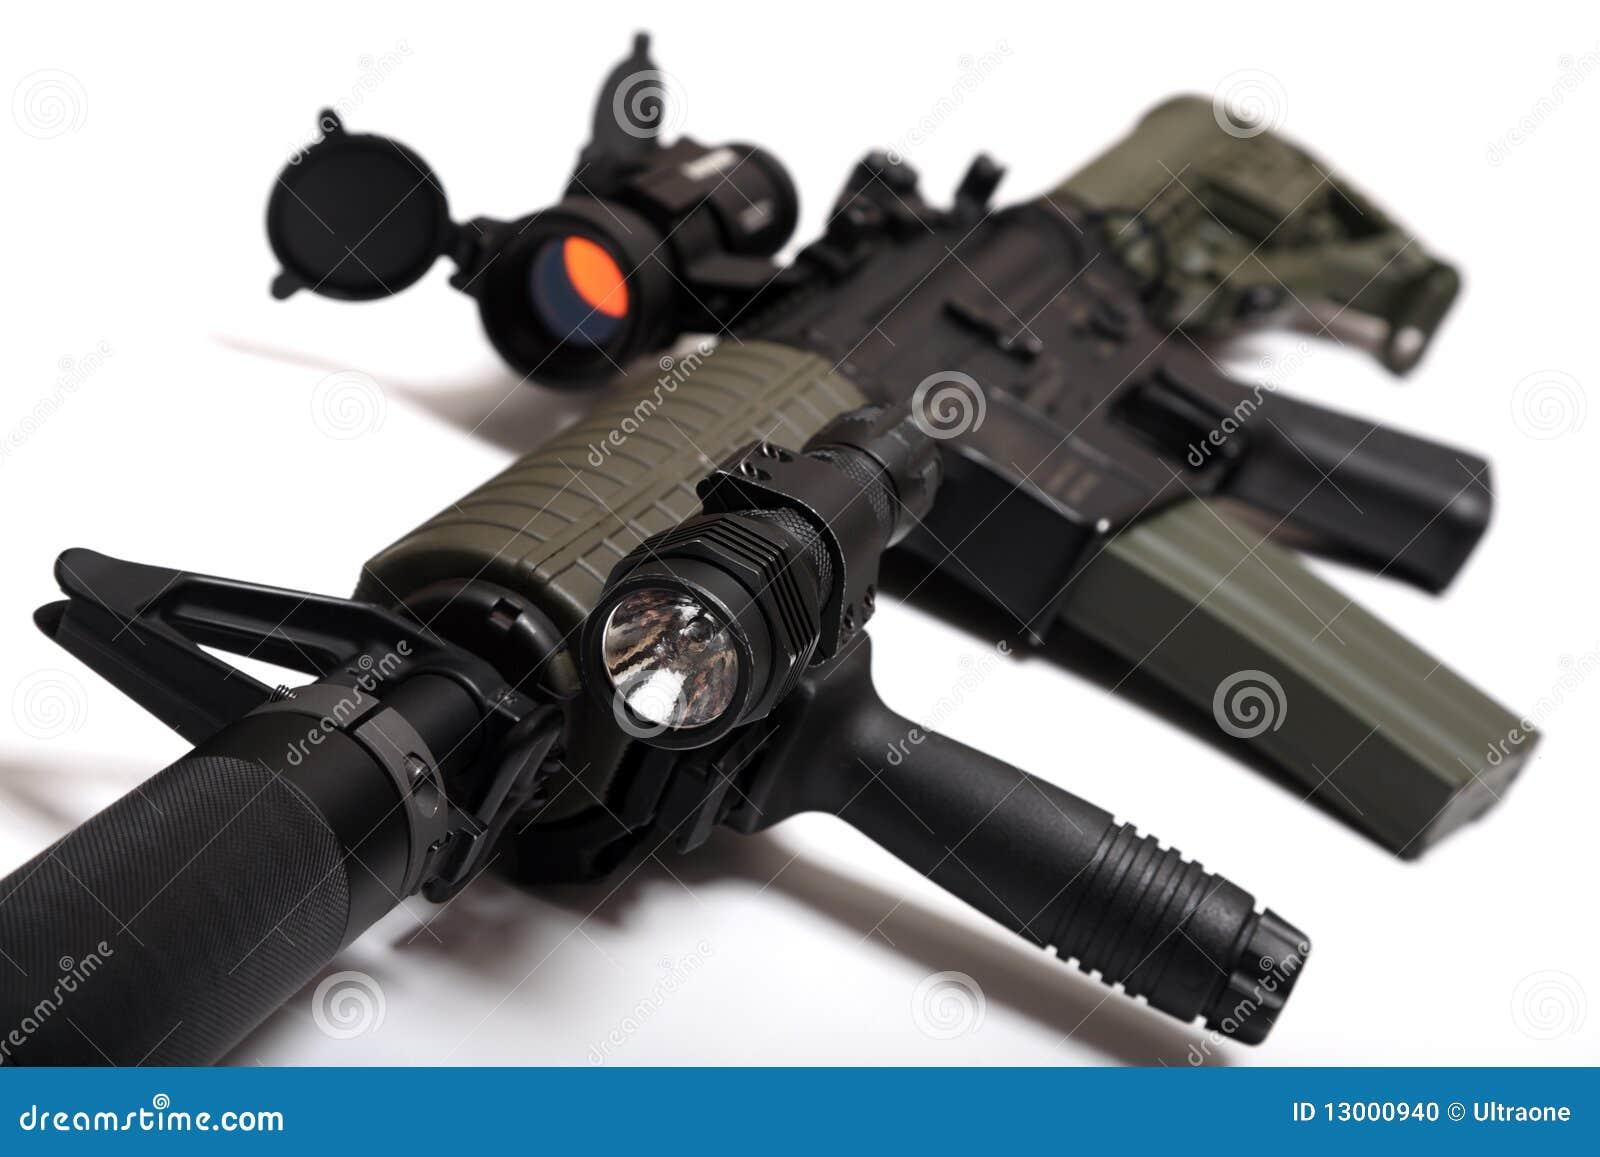 Fucile di assalto su ordinazione M4A1 per contrac paramilitare